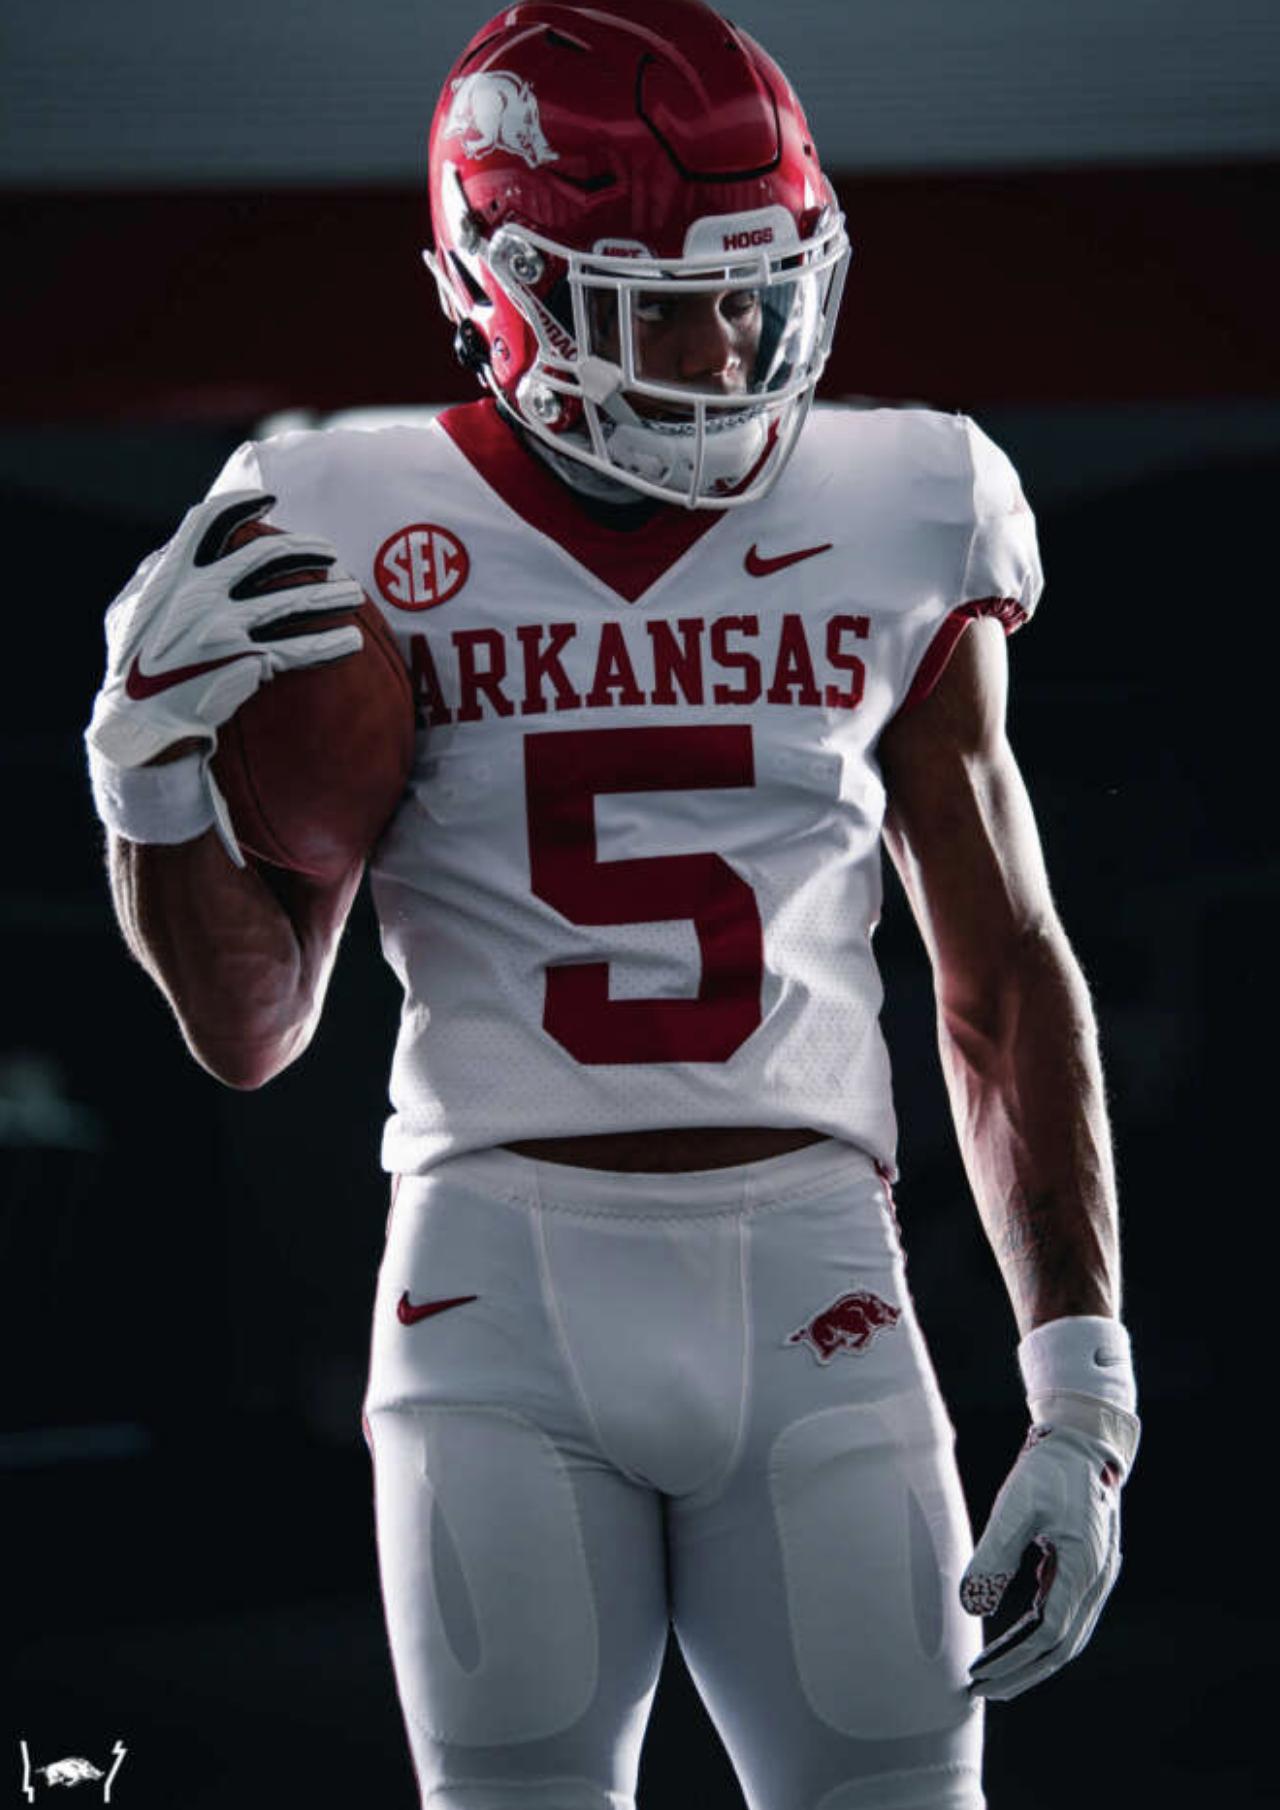 Arkansas Razorbacks reveal new jerseys for the 2020 football season